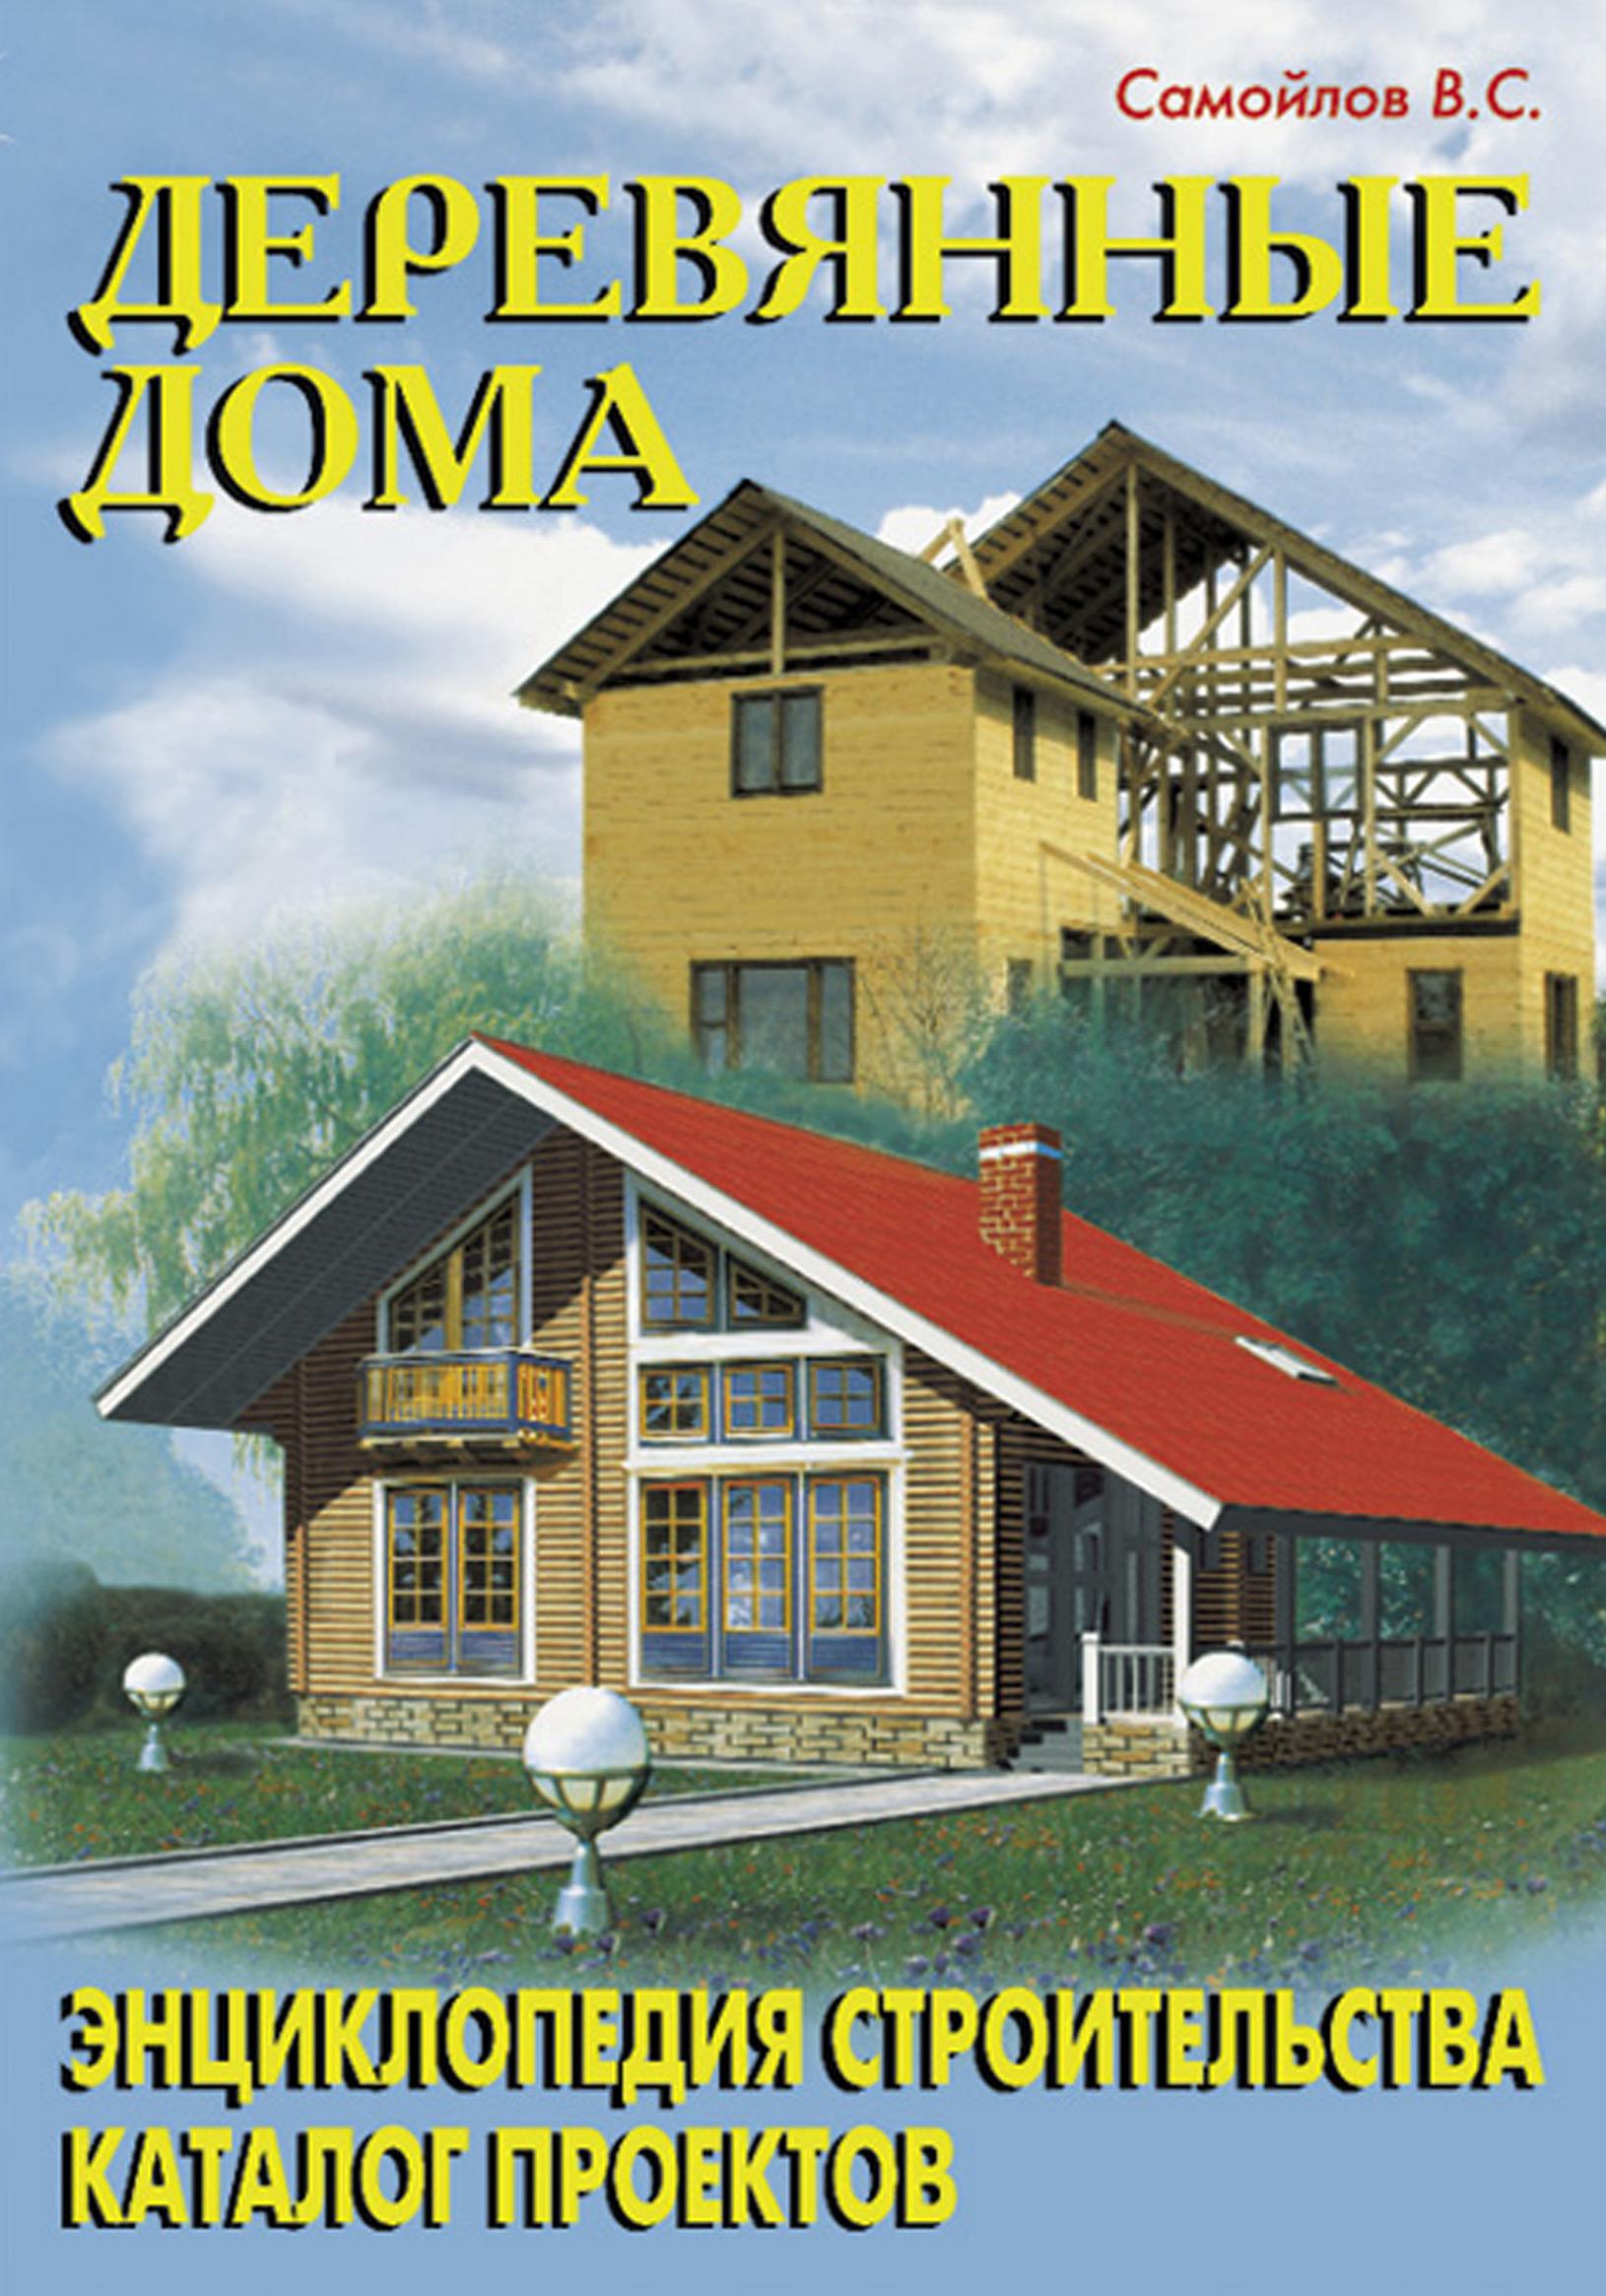 Кукольный дом с аксессуарами МИР ДЕРЕВЯННЫХ ИГРУШЕК МДИ  897